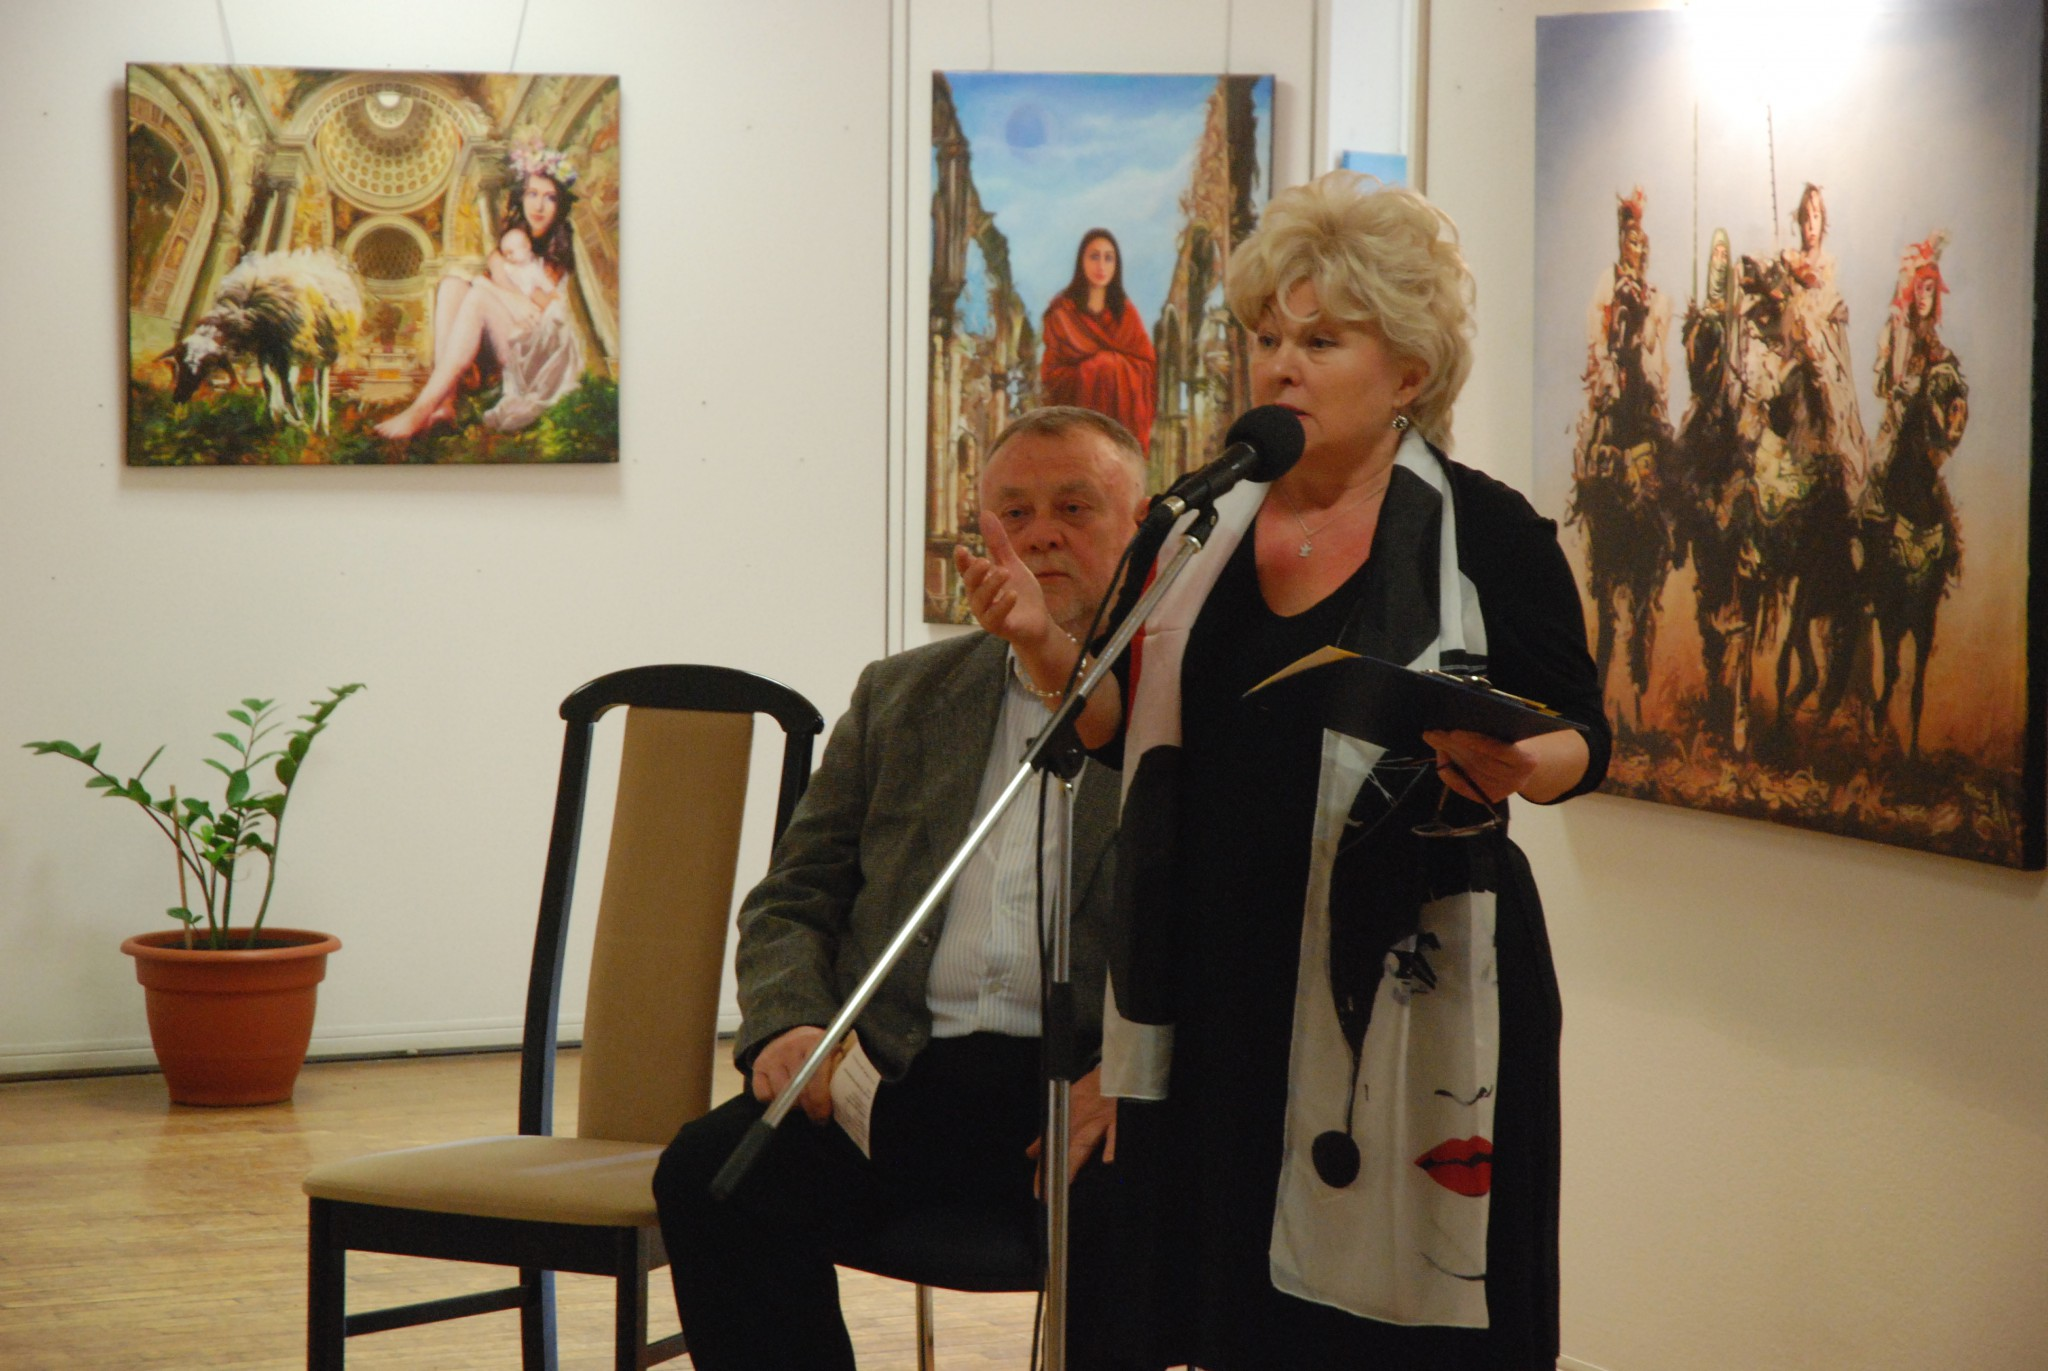 Dombi Erzsébet Lívia, Liza (fotó: Szabó Csaba)